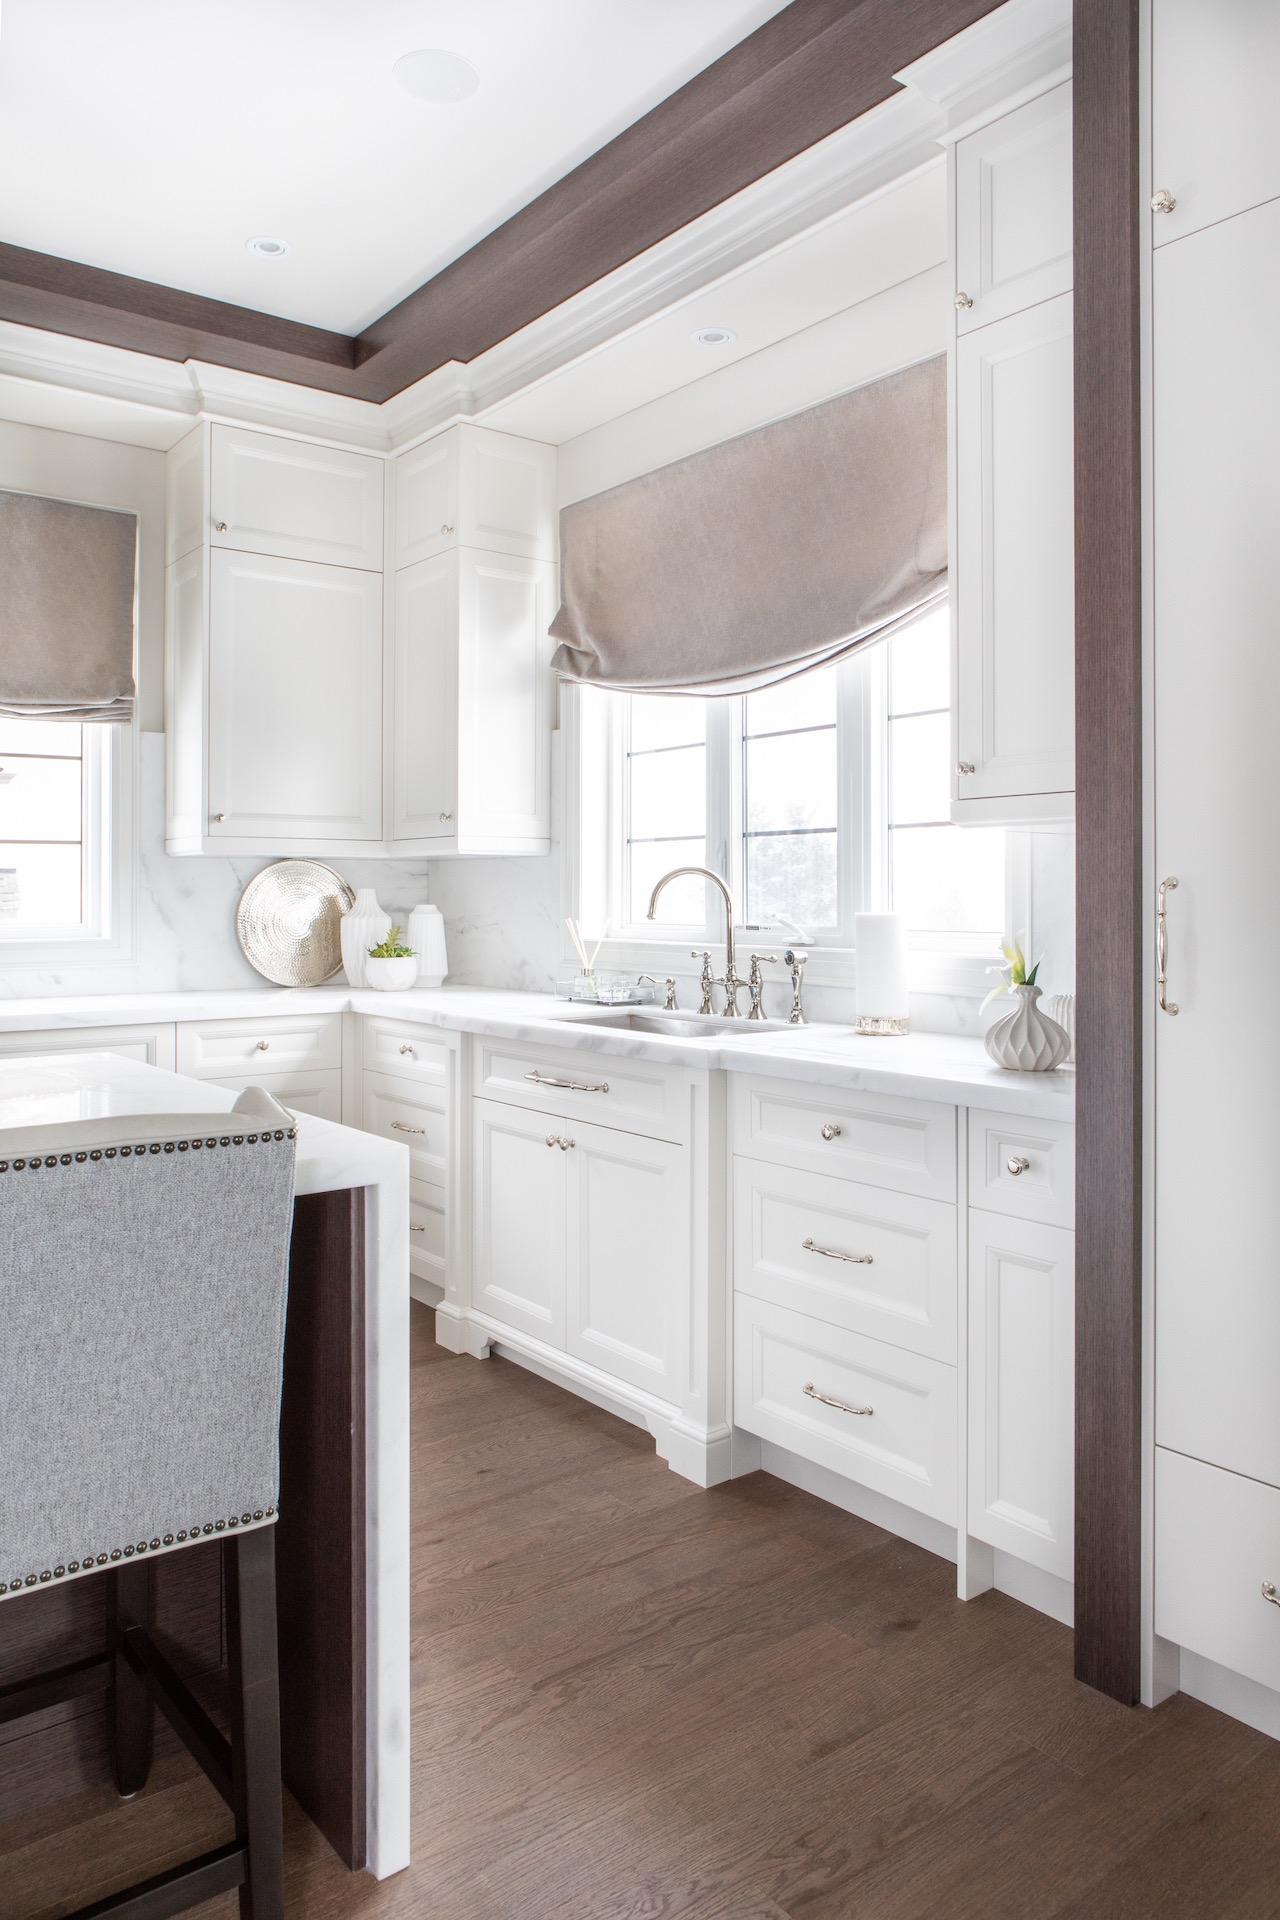 White NIICO kitchen with sink under window